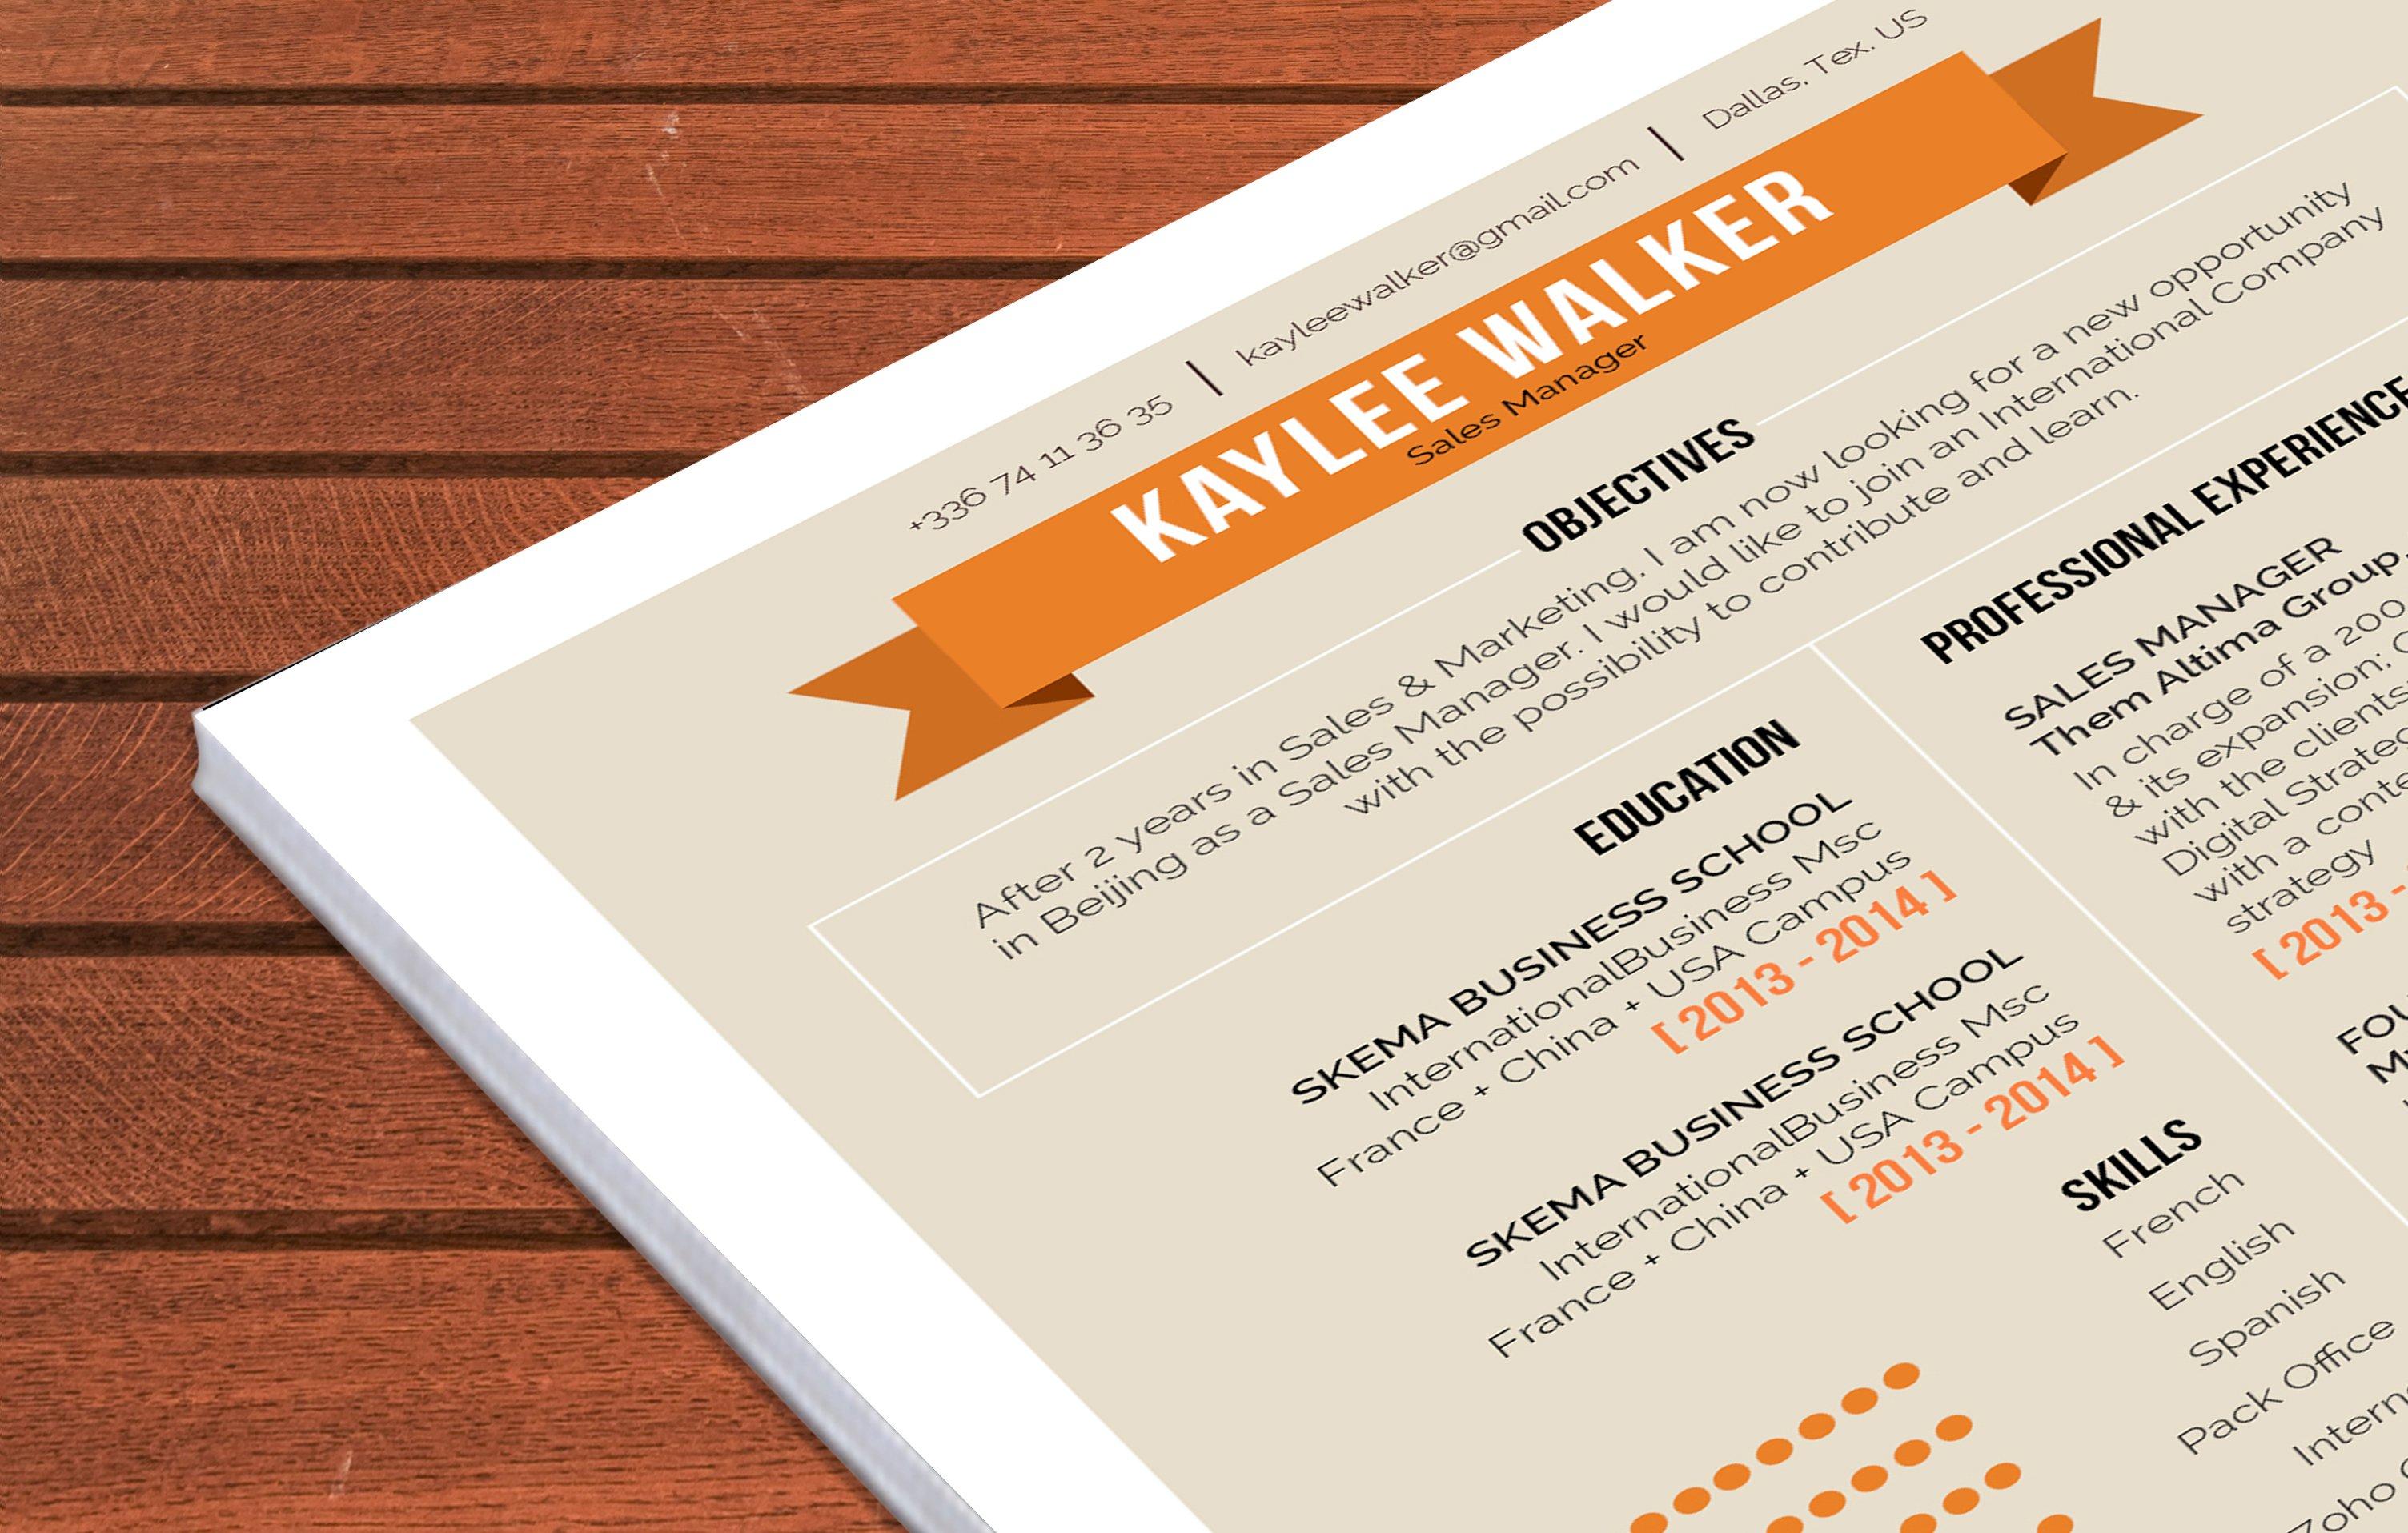 free-resume-mycvfactory-inspiration-3_b6y7m08.jpg